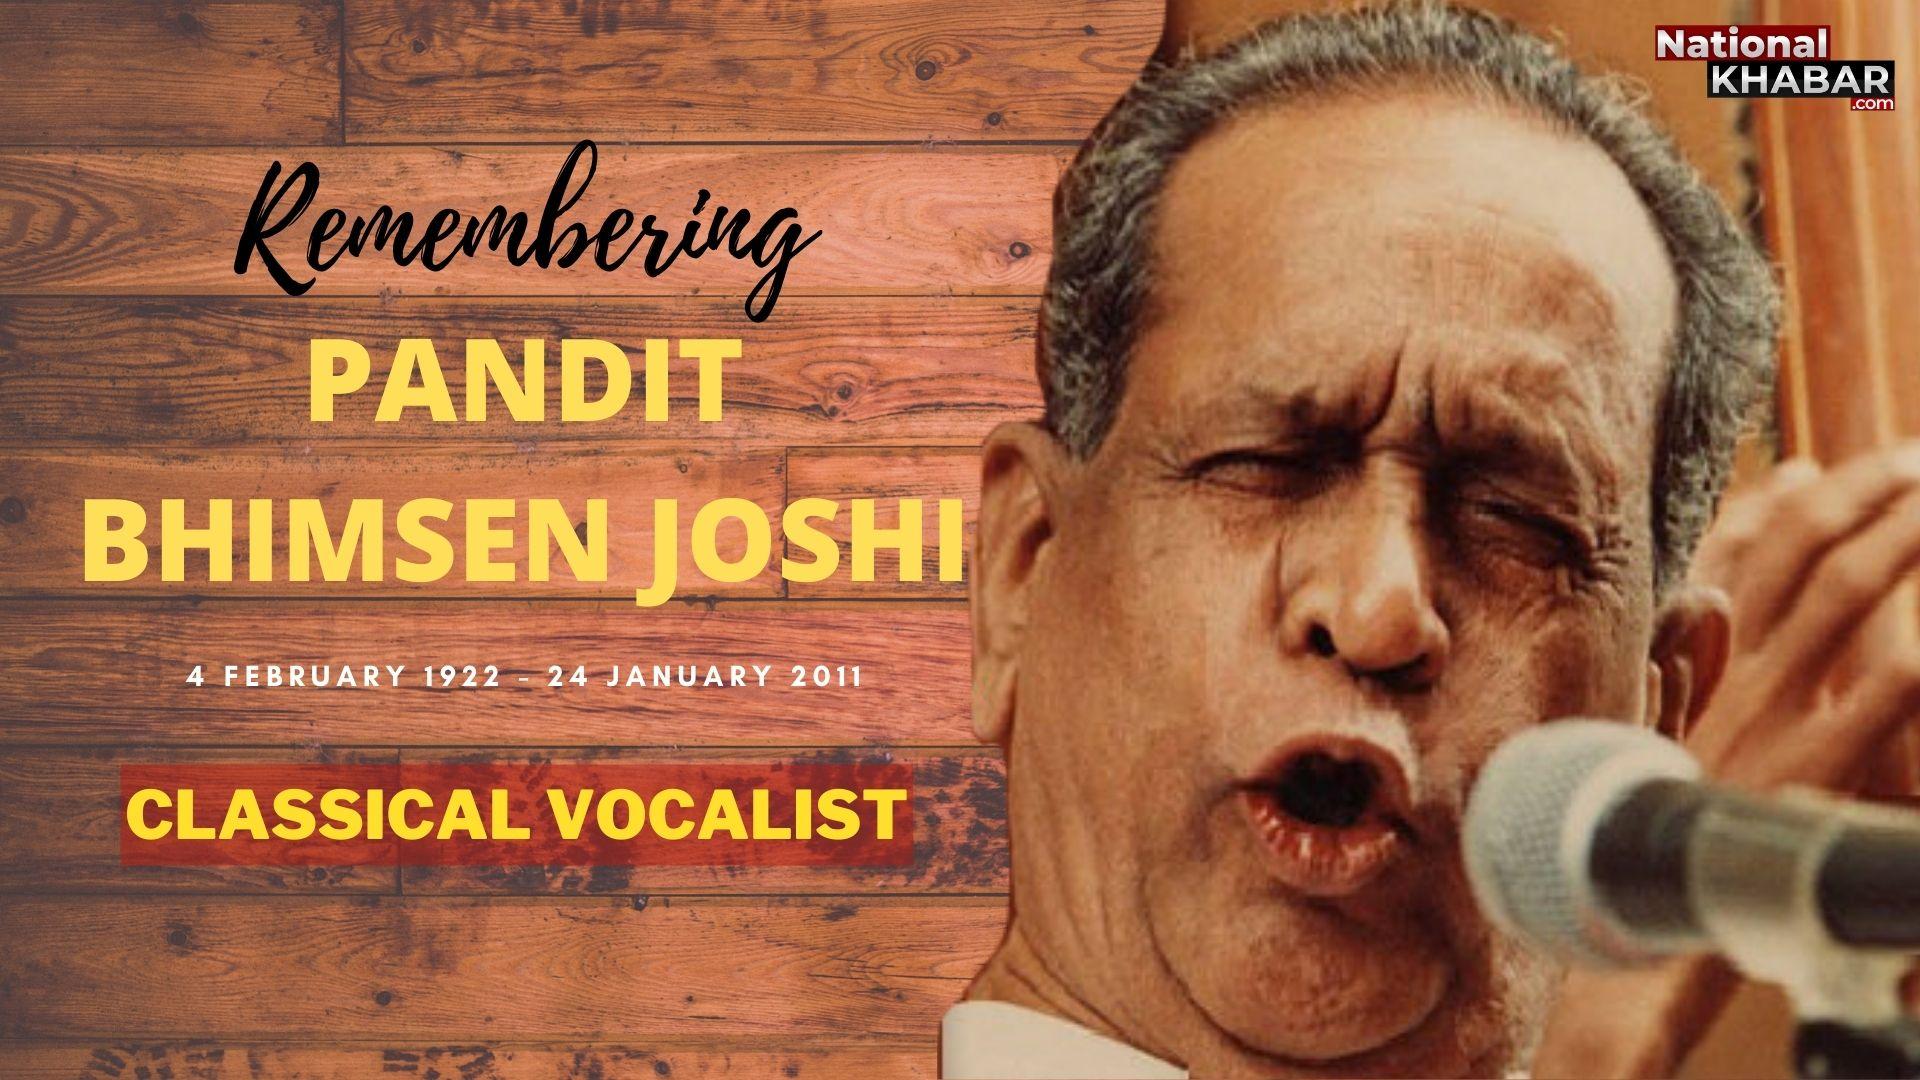 Pt Bhimsen Joshi Death Anniversary: शास्त्रीय संगीत के लोकप्रिय गायक पं. भीमसेन जोशी 11 की उम्र में घर छोड़ कर निकल पड़े थे गुरु की तलाश में